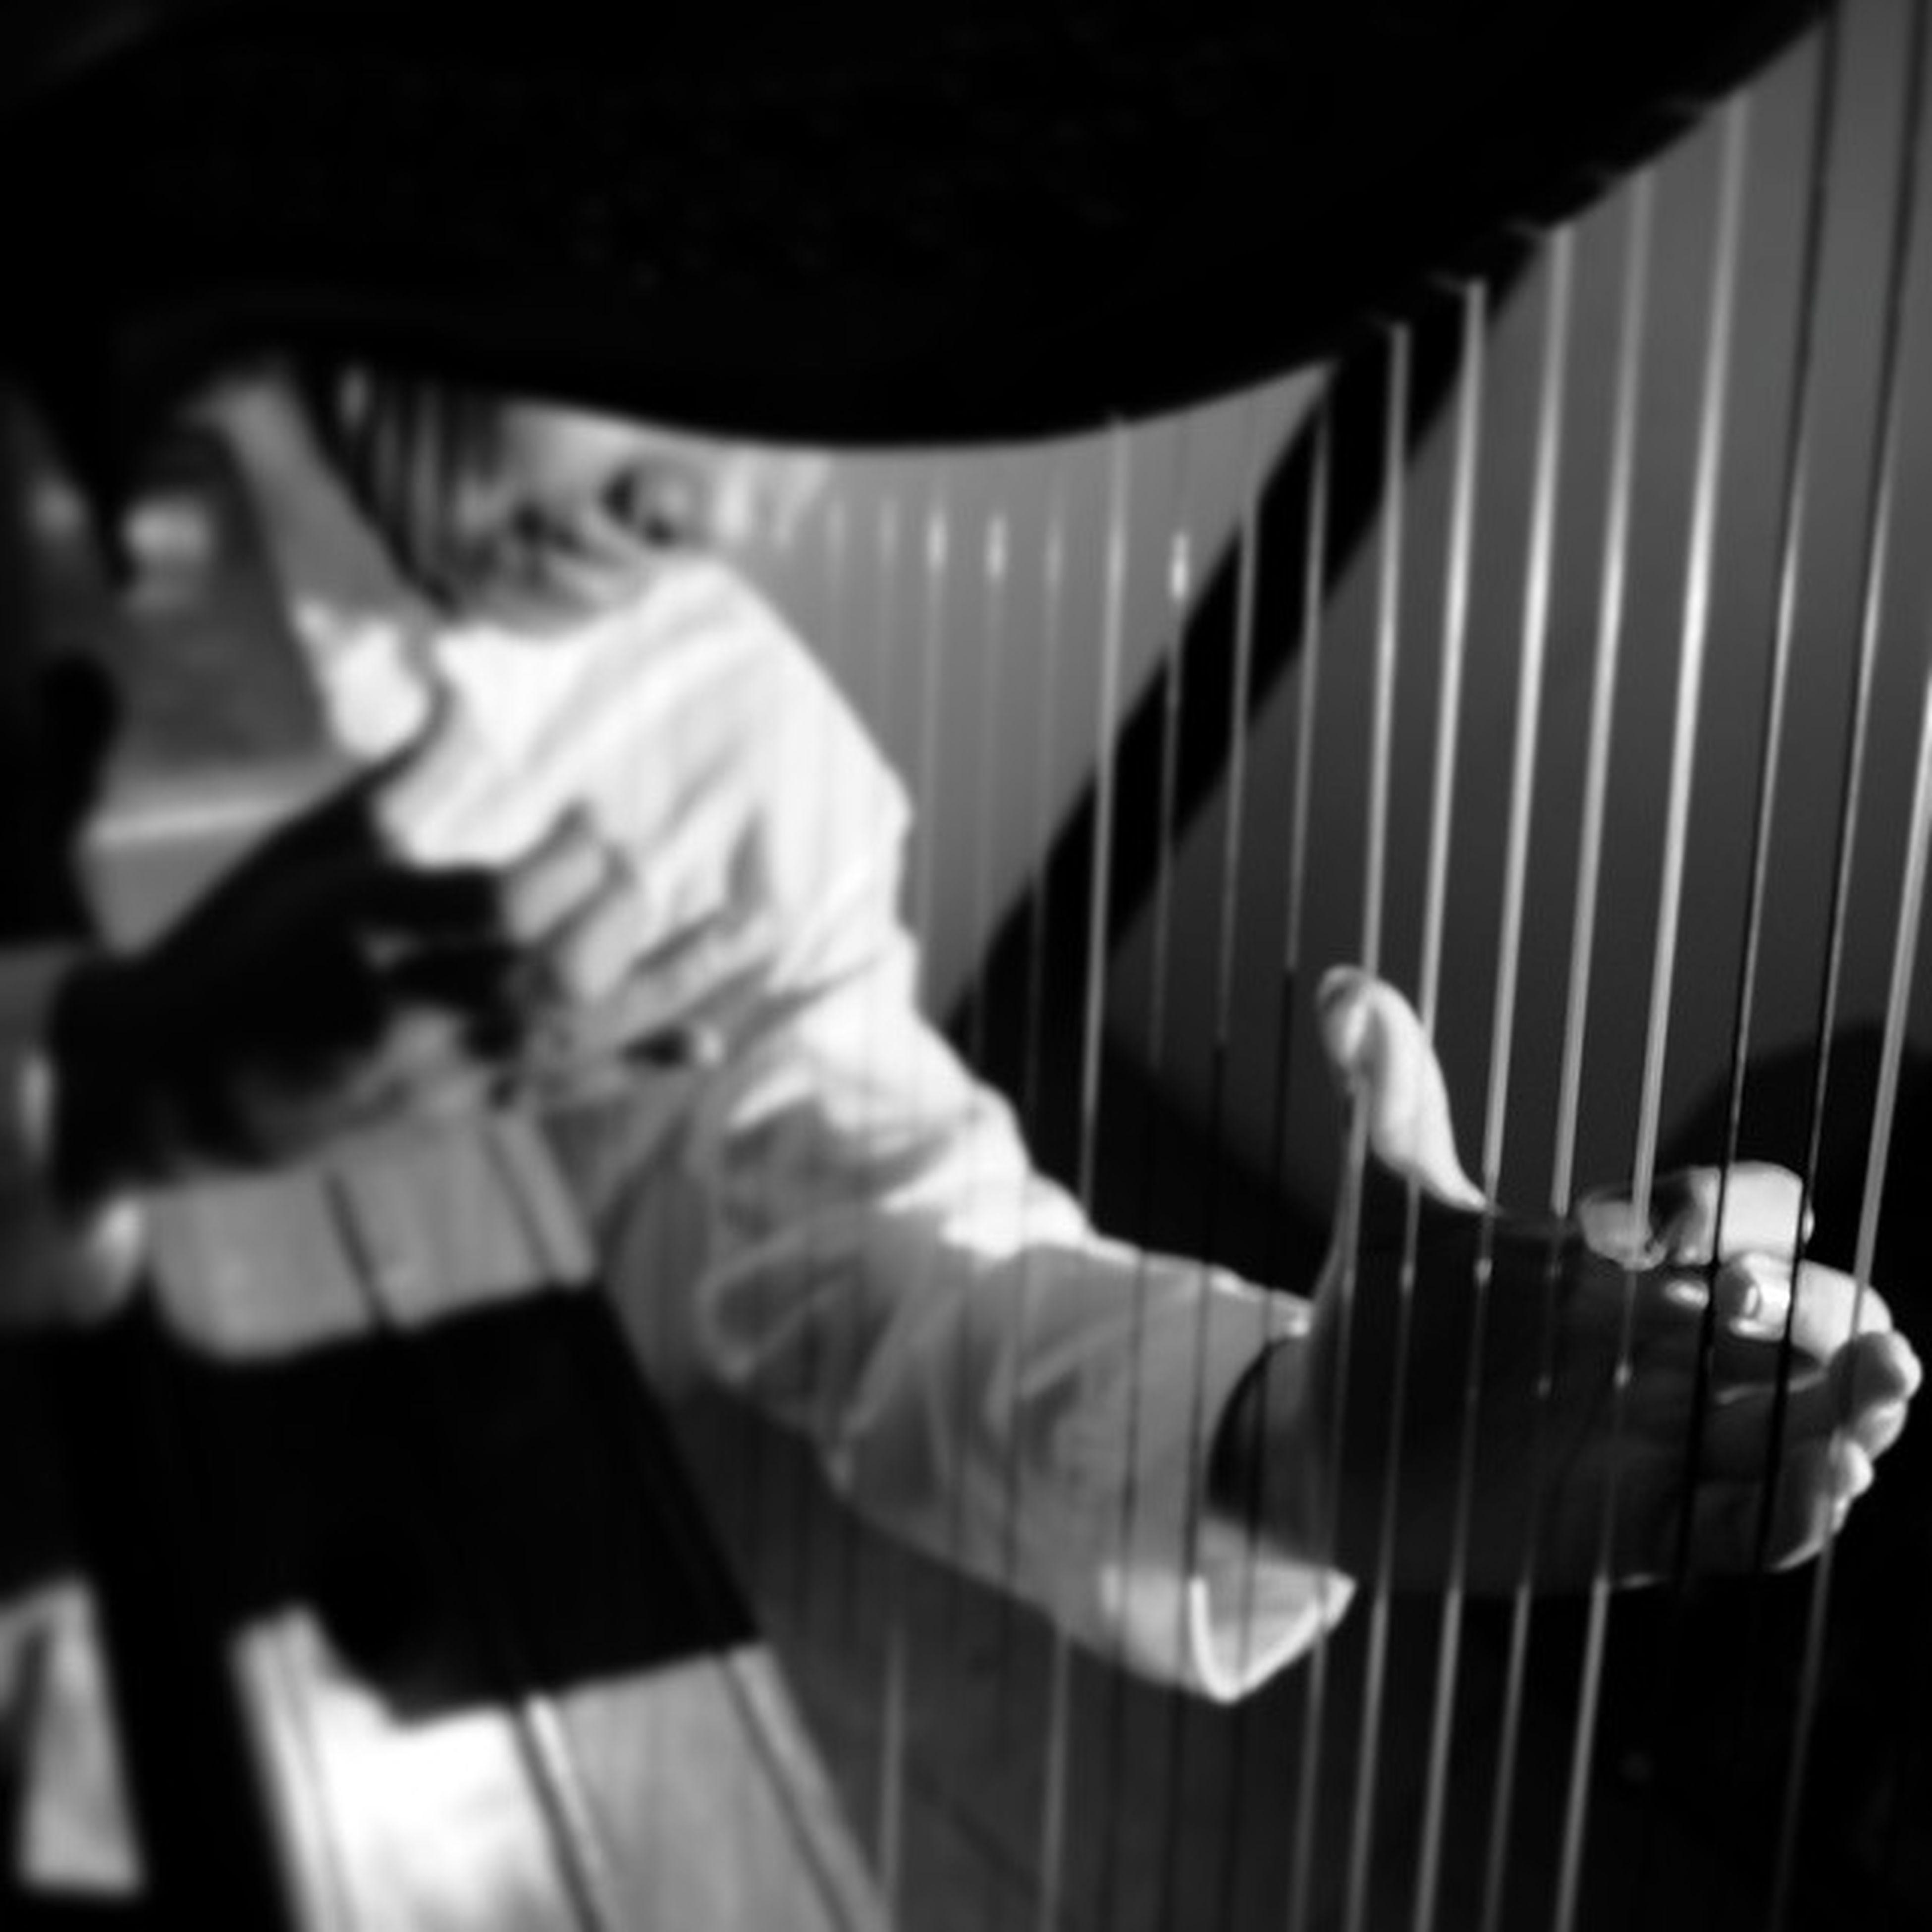 Rayder el nino arpista. Con tan solo 9 anos este nino a sido apadrinado por el maestro Abreu y el maestro Juan Vicente Torrealba, esta considerado como un genio musical ya que cuando fue descubierto no contaba con una formacion musical academica Venezuela_es Insta_ve Instavenezuela Venezuela Musica Arpa Folklore Sabana Llanera Almallanera Streetphotovenezuela